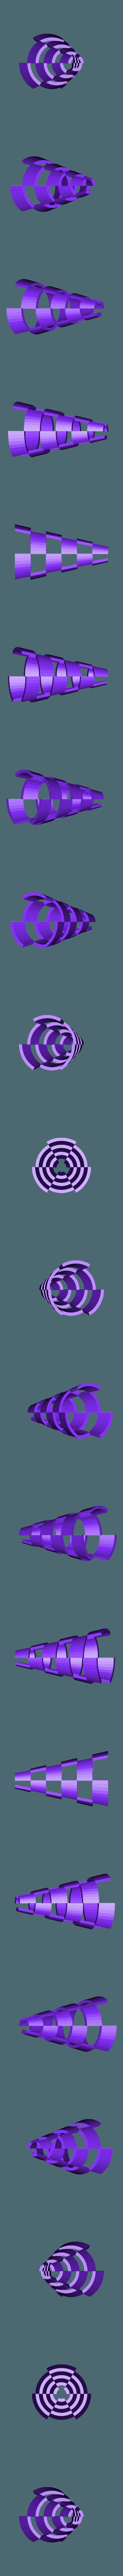 checker_cone_B.stl Download free STL file Fashion Traffic Cones Collection • 3D printer template, Render